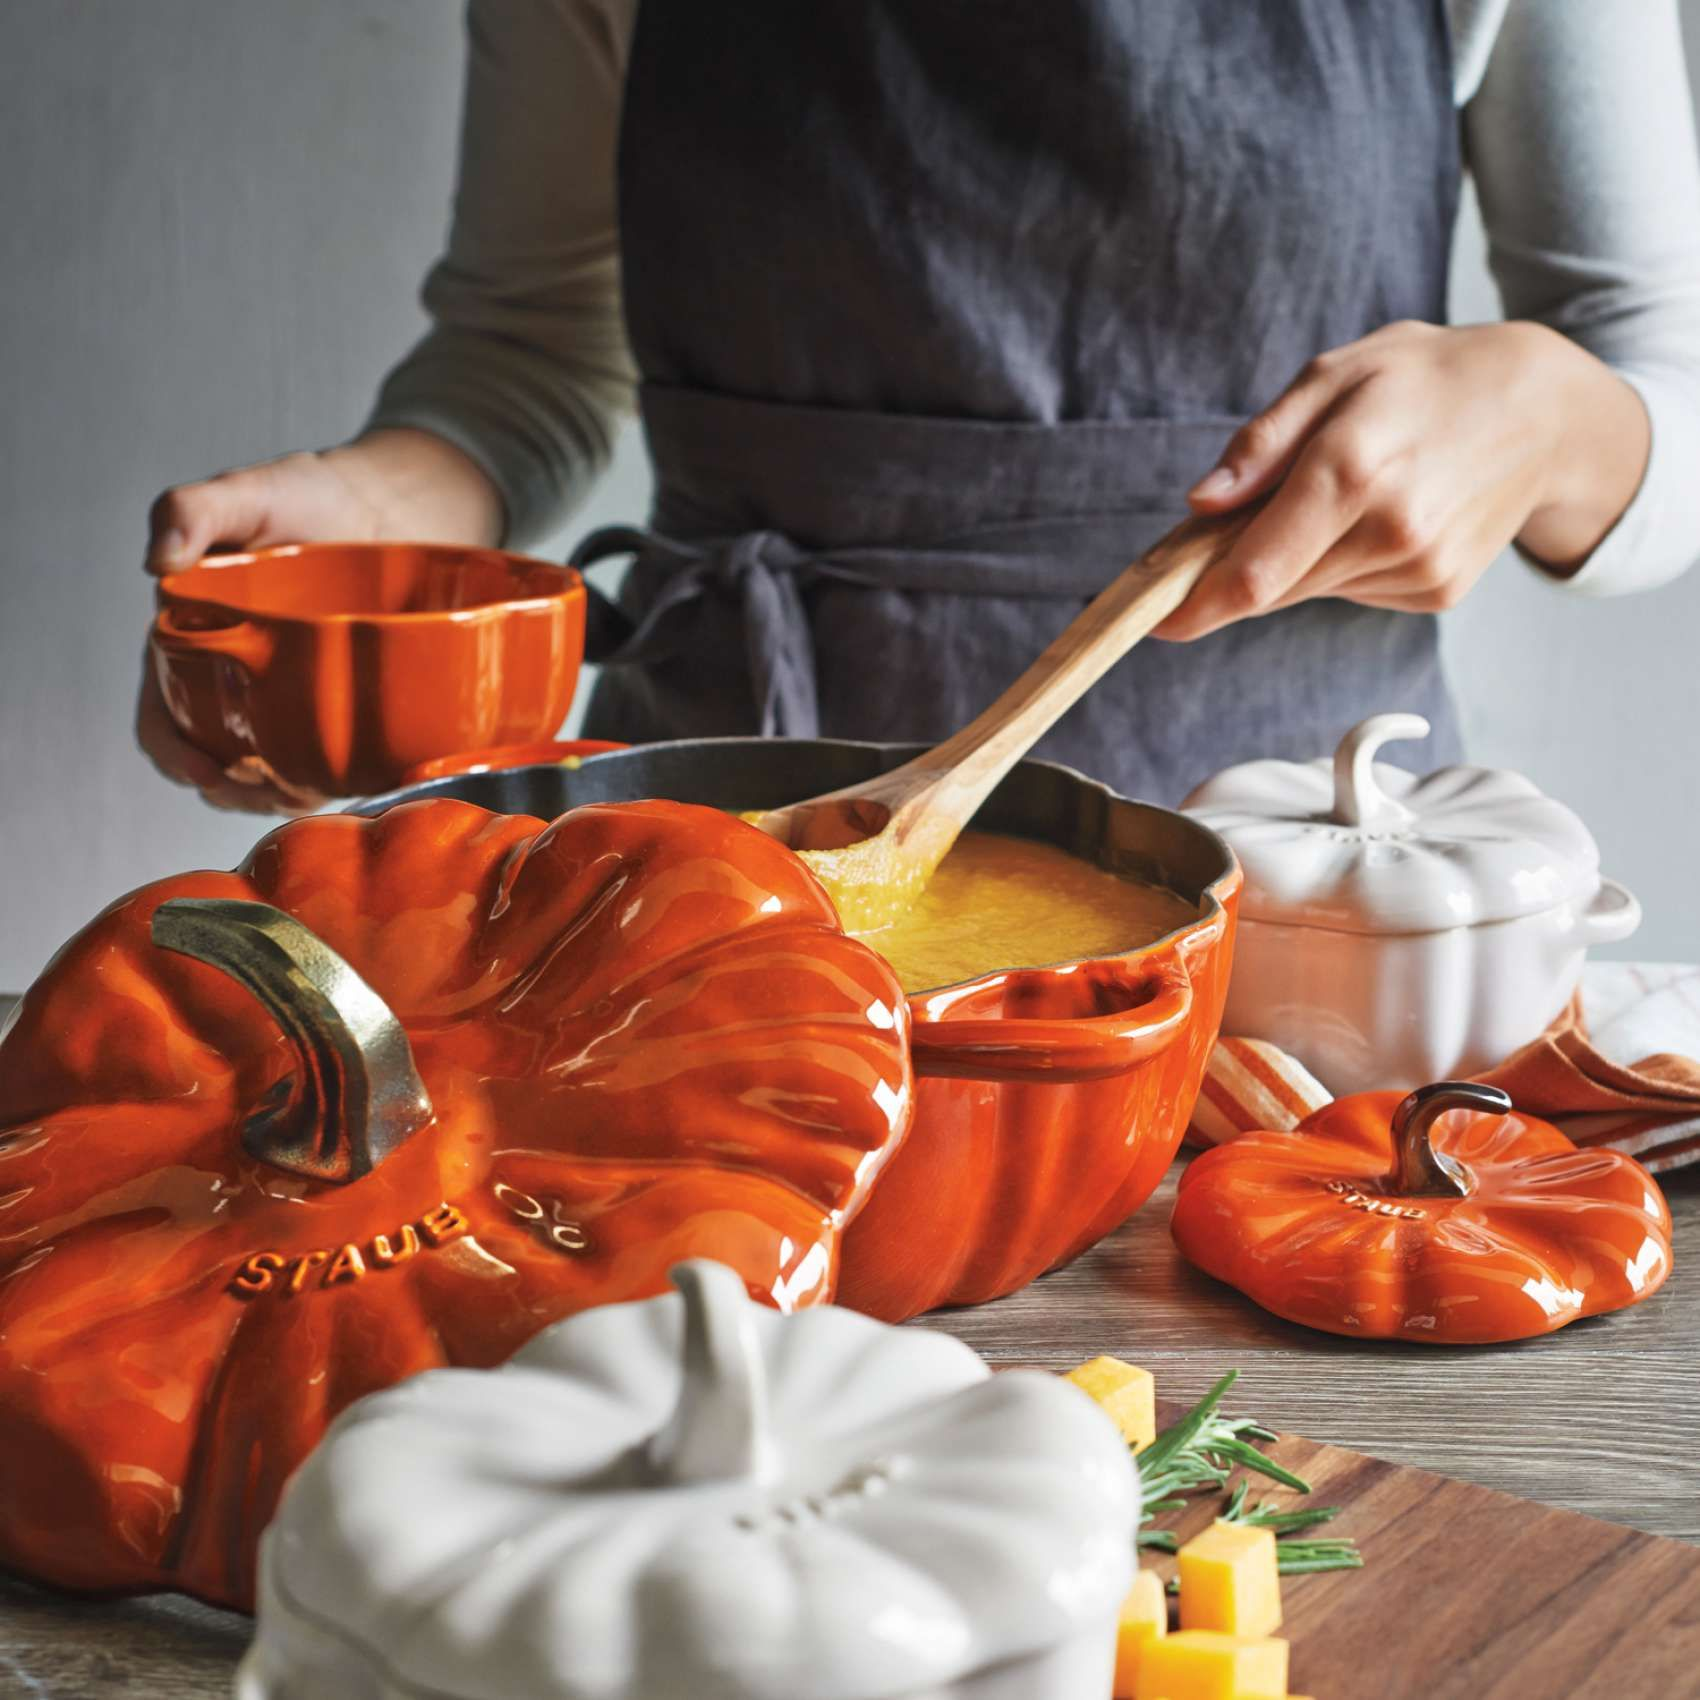 Staub Pumpkin Cocotte 3 5 Qt Sur La Table Orange Kitchen Decor Burnt Orange Kitchen Orange Kitchen